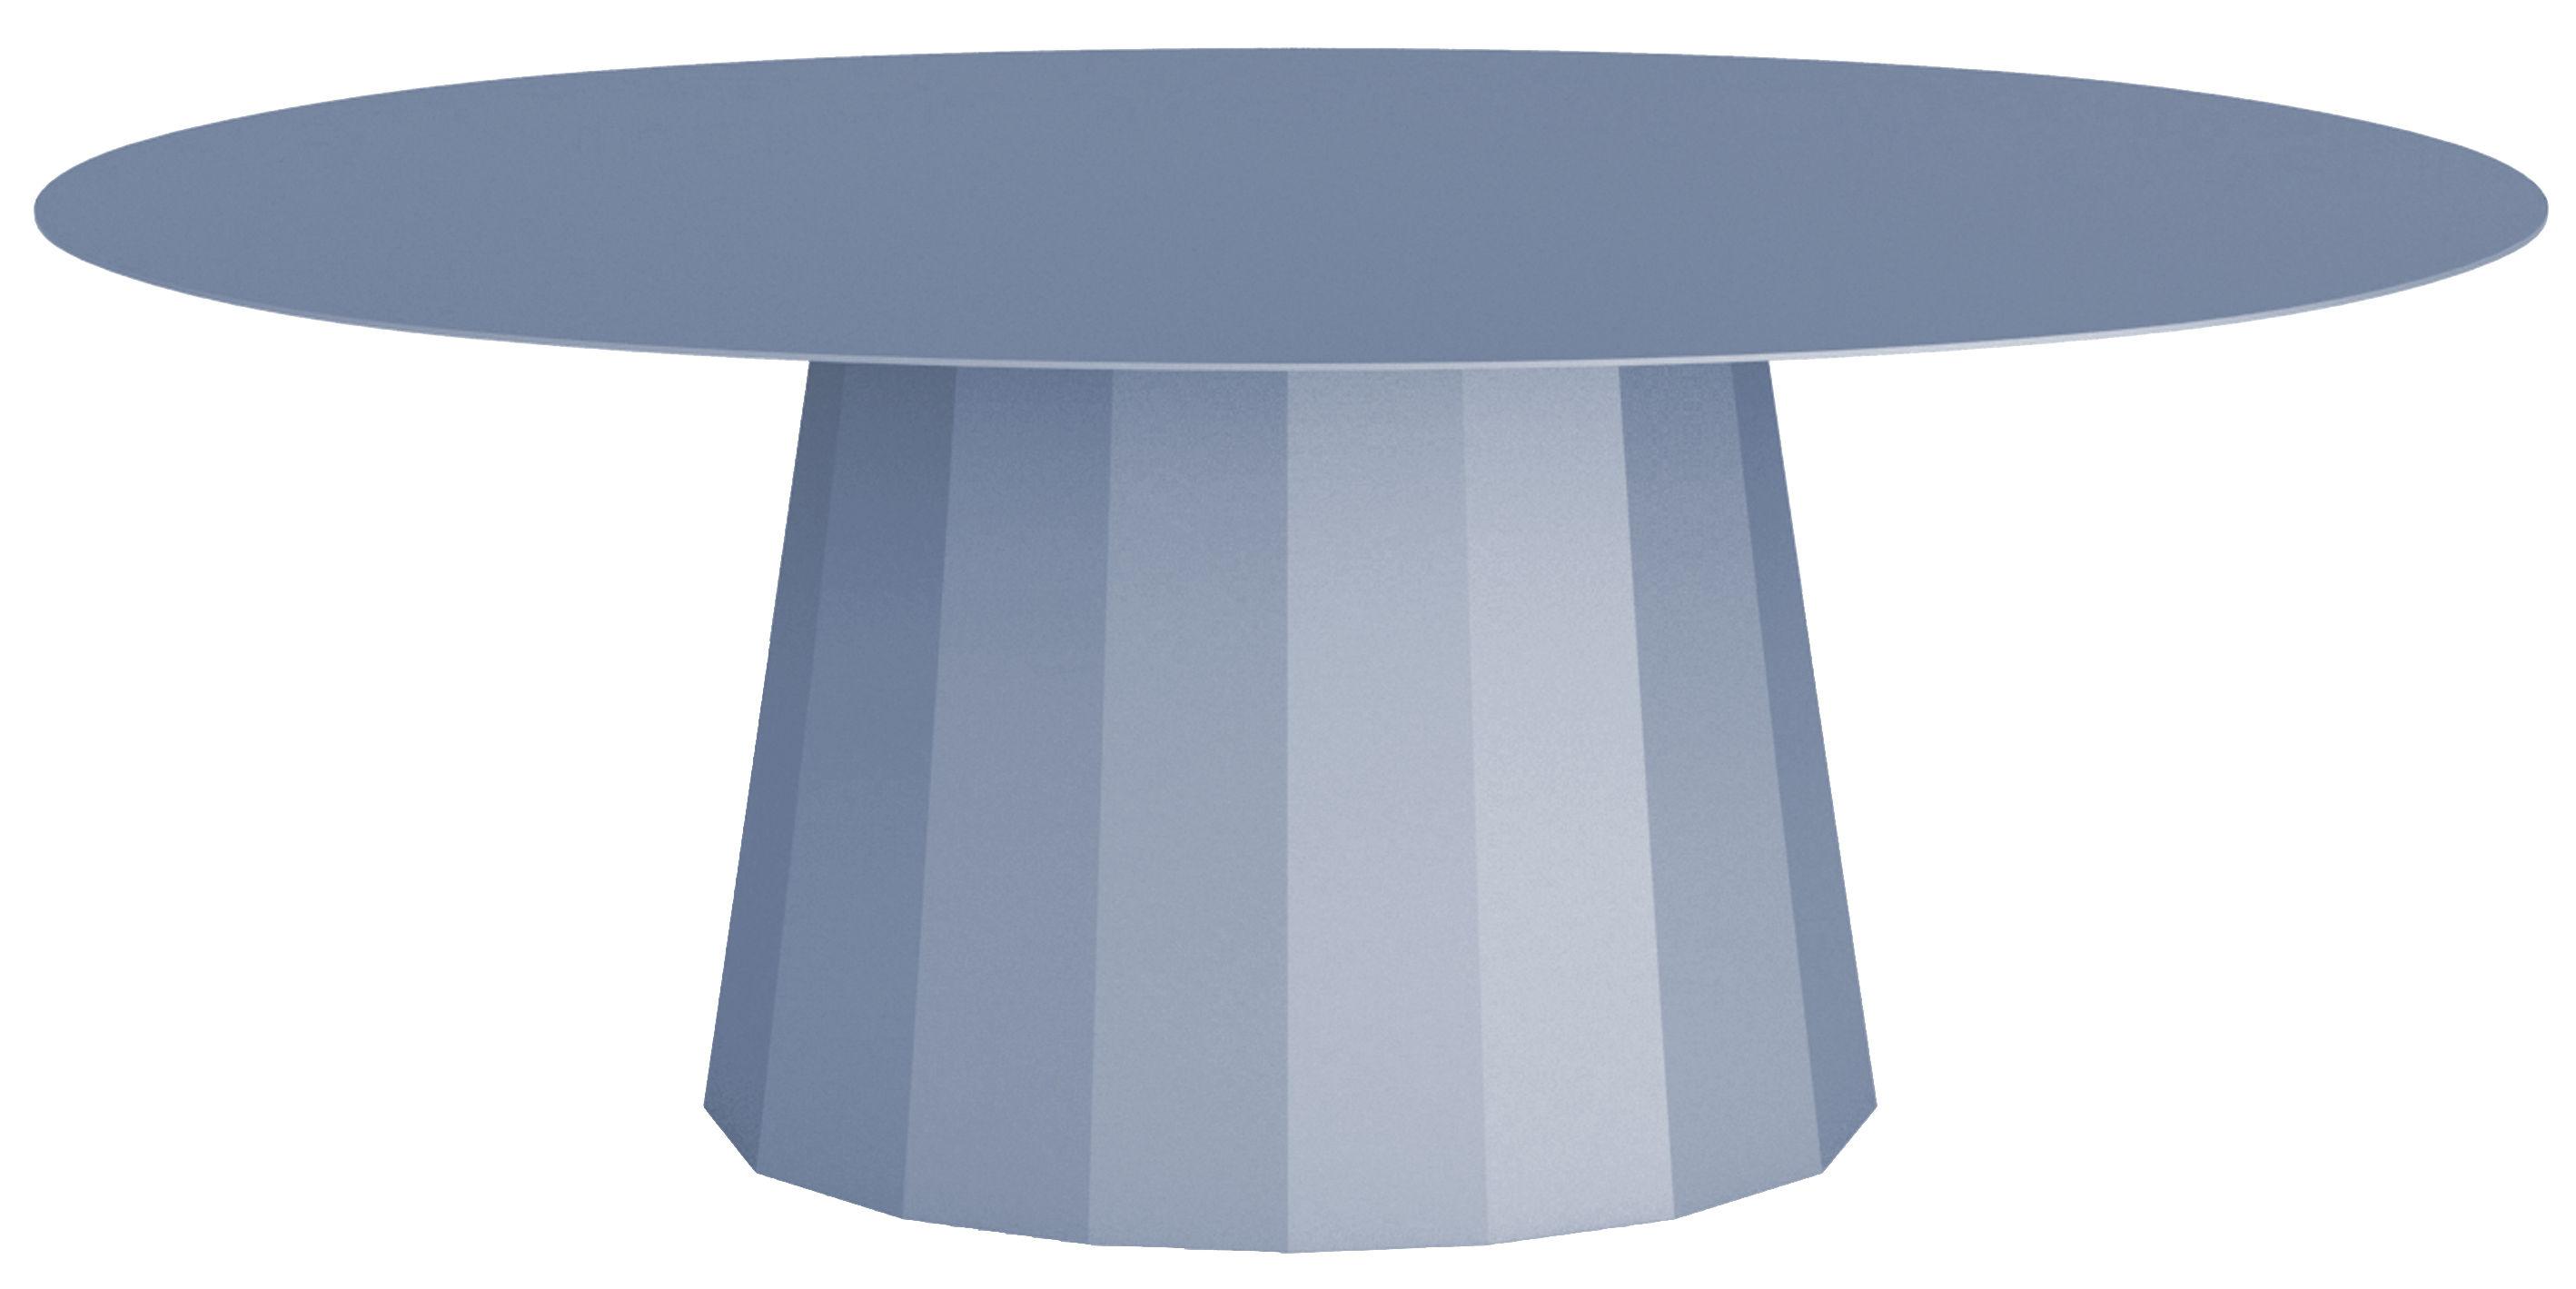 Mobilier - Tables basses - Table basse Ankara / L 109 x H 42 cm - Matière Grise - Bleu pigeon - Acier peint